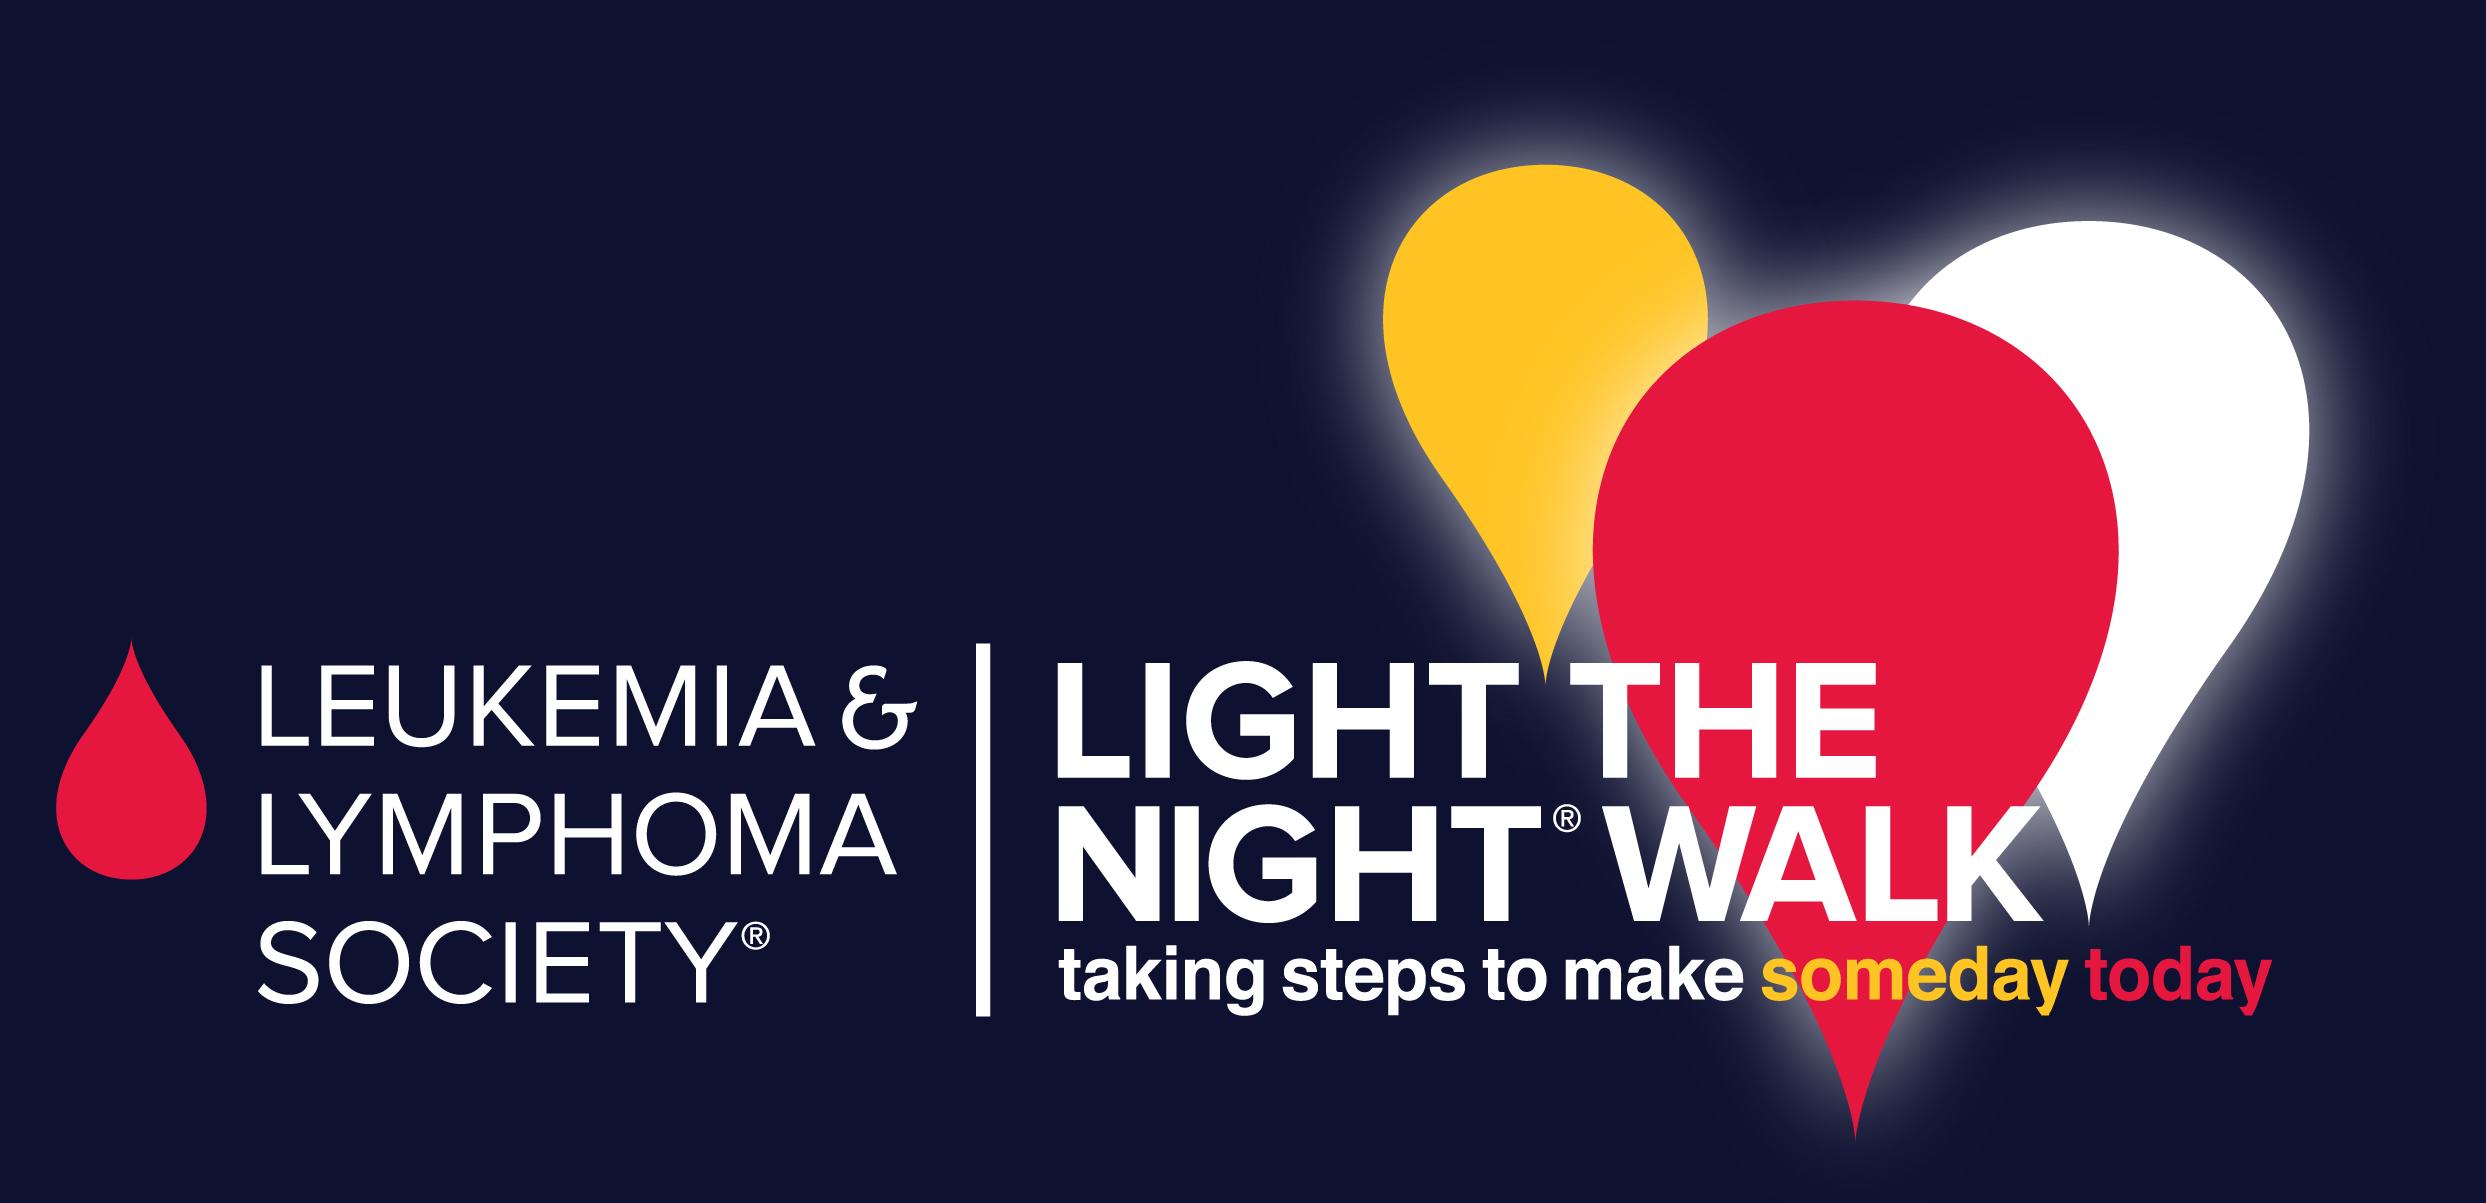 Walk benefiting the Leukemia & Lymphoma Society